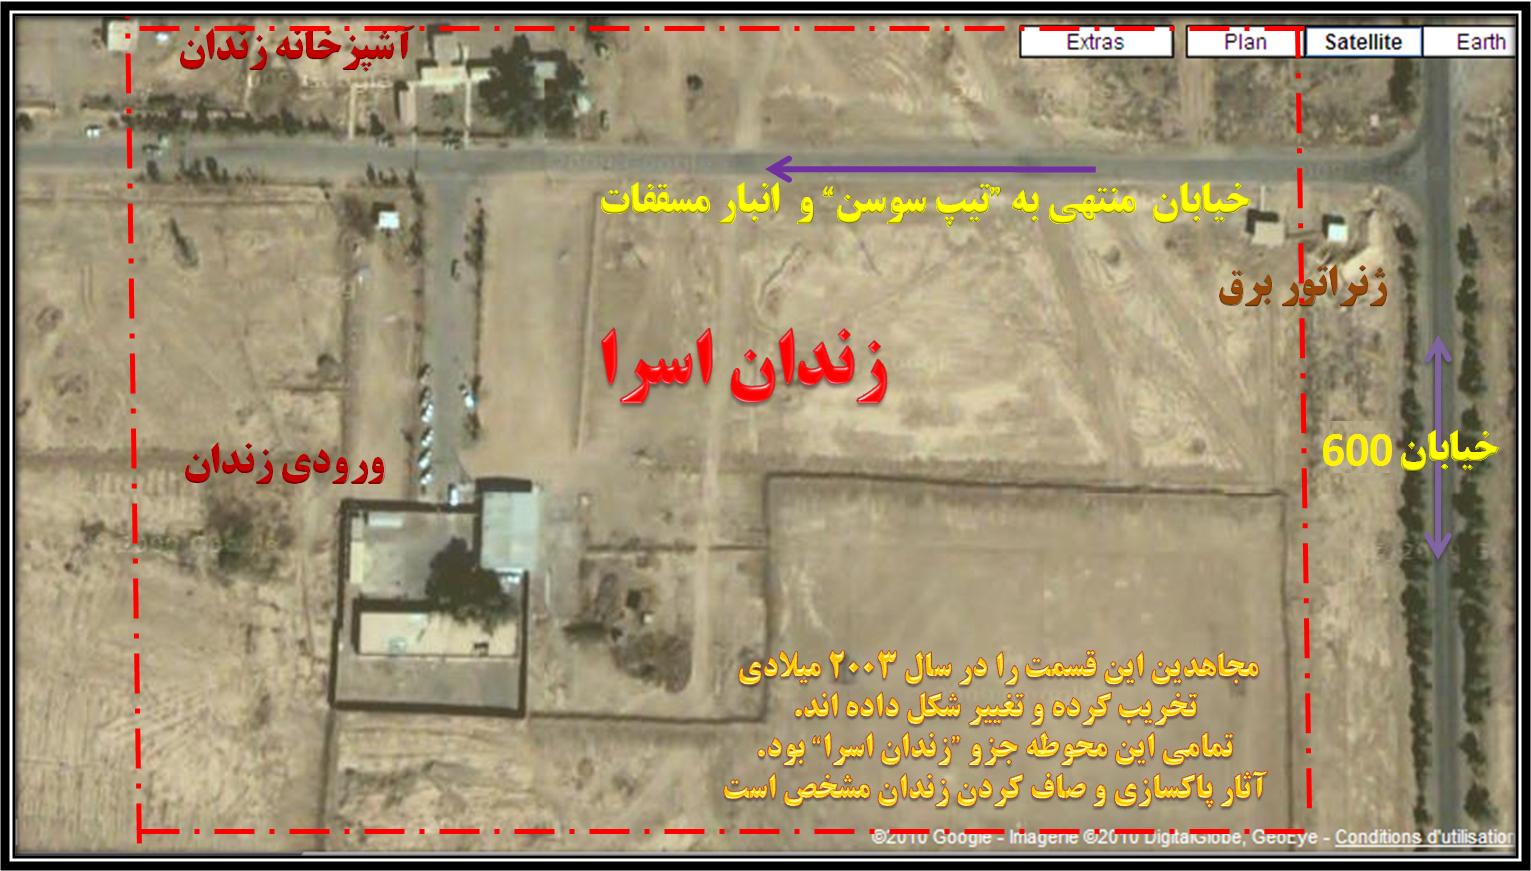 زندان ها و شکنجه گاههای سازمان مجاهدین (فرقۀ رجوی) در عراق!؟ قسمت دوم